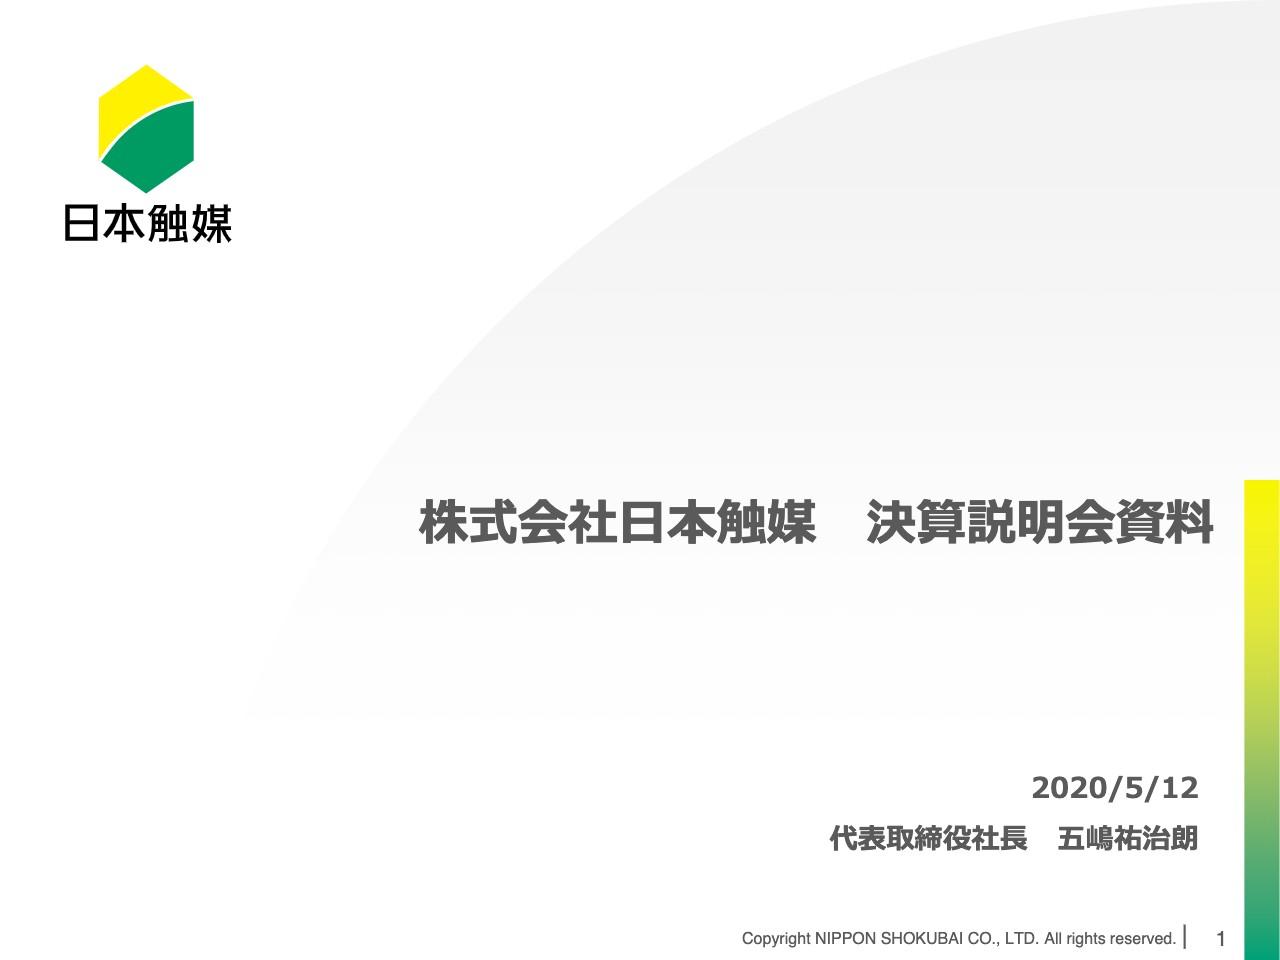 日本触媒、通期は減収減益 貿易摩擦および高吸水性樹脂等の競争激化によるスプレッド縮小が影響